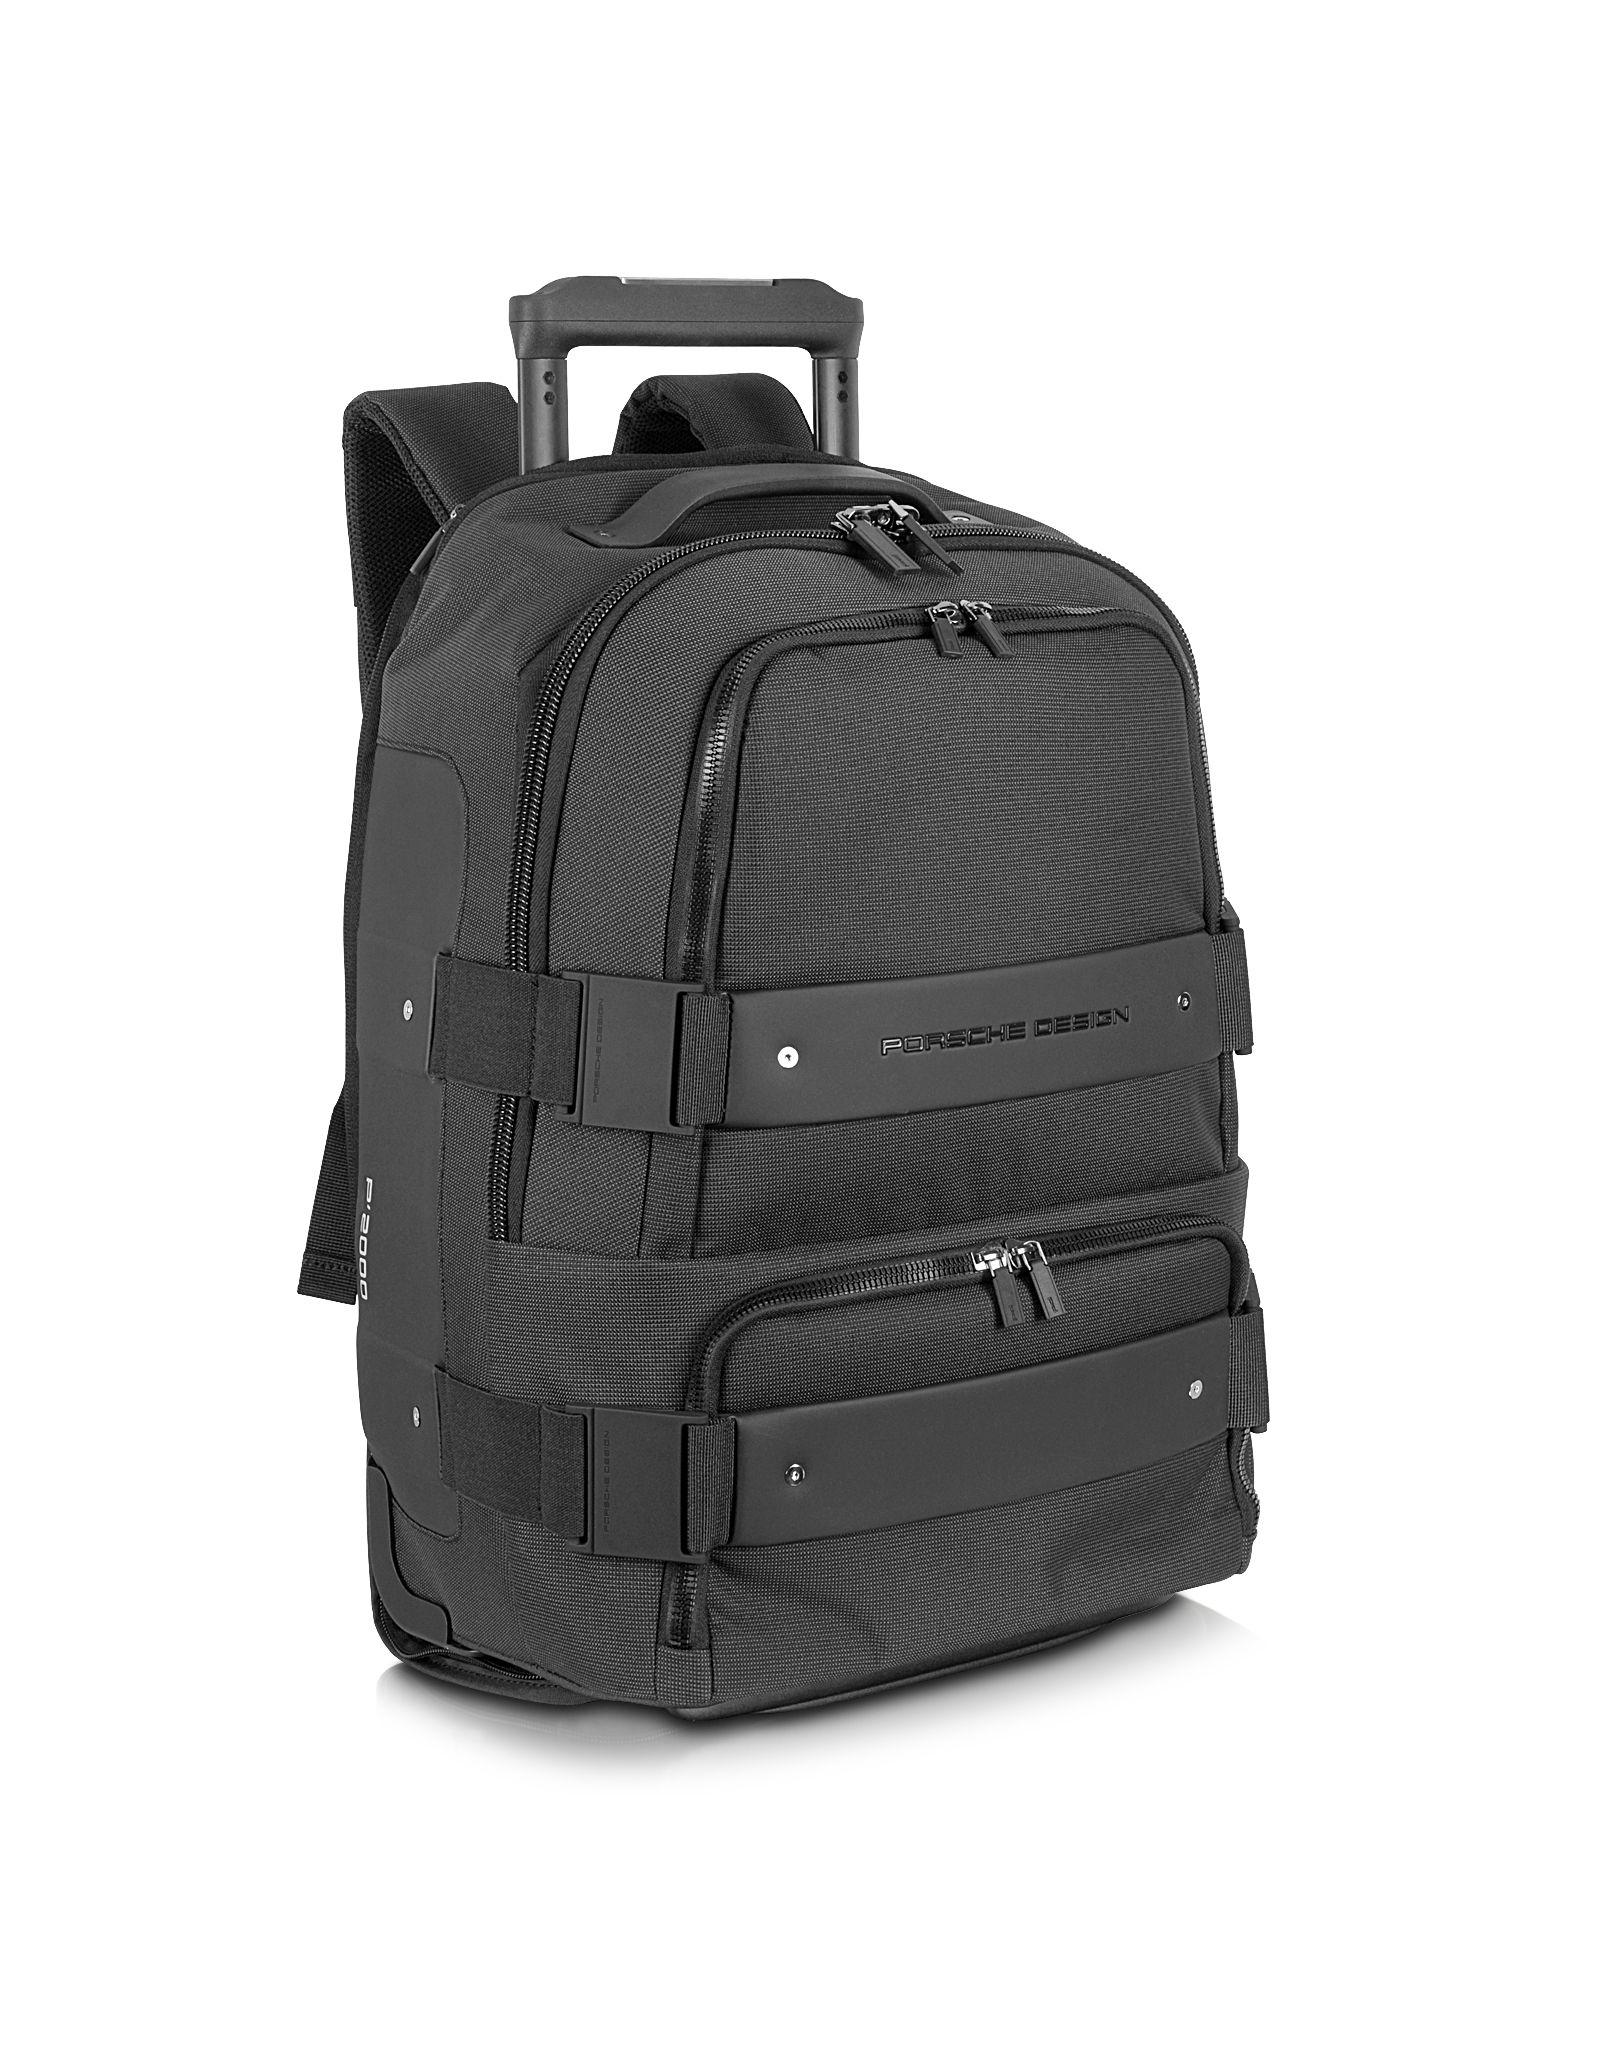 e877e18743 Porsche Design Cargon 2.5 - Black Backpack Carry On Trolley at FORZIERI